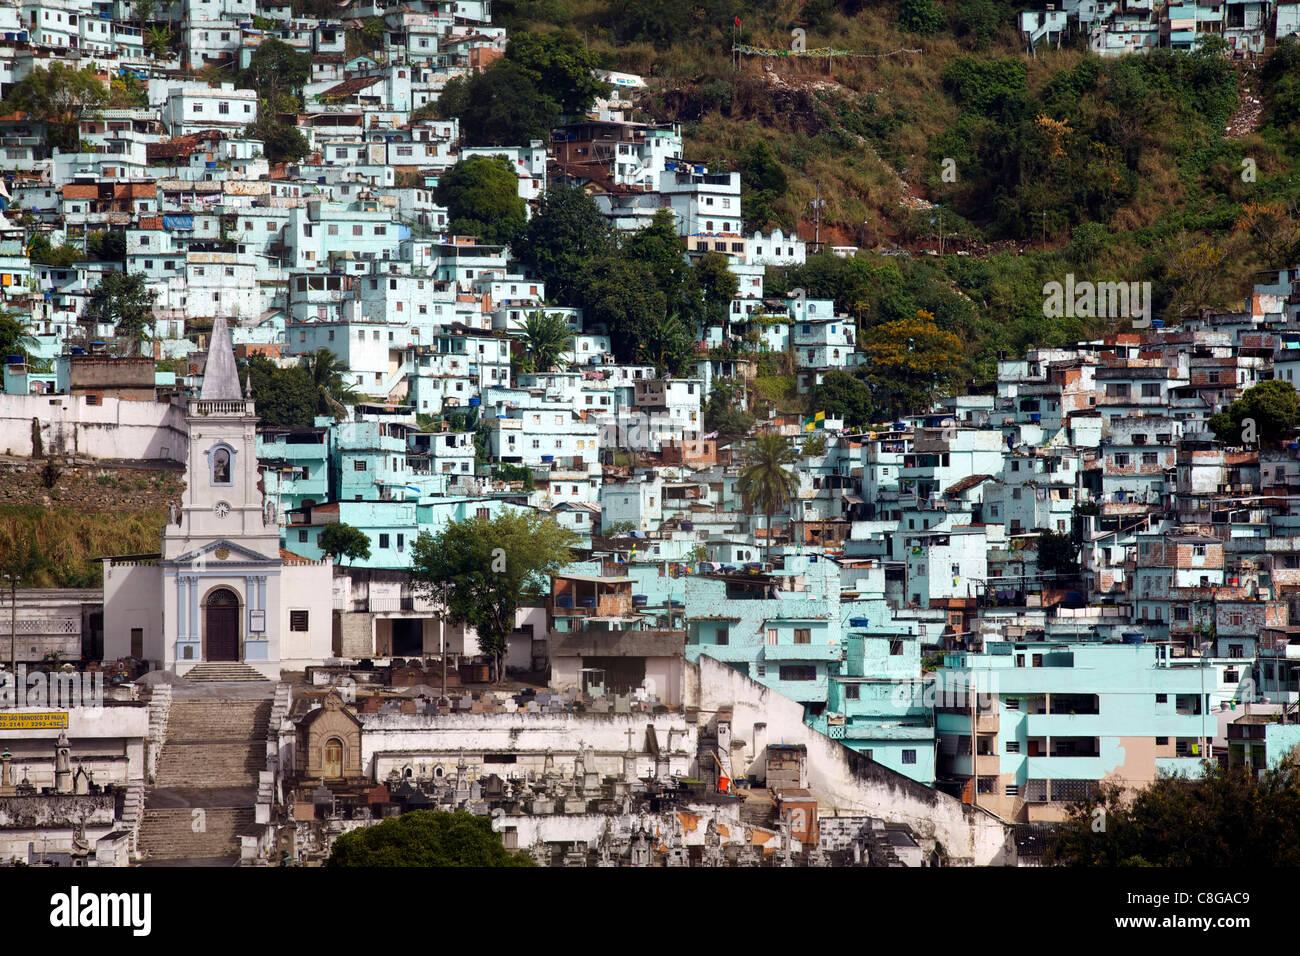 Einige Favellas gemalt mit den symbolischen Farben der Bande herrschen dort, Brasilien Stockbild